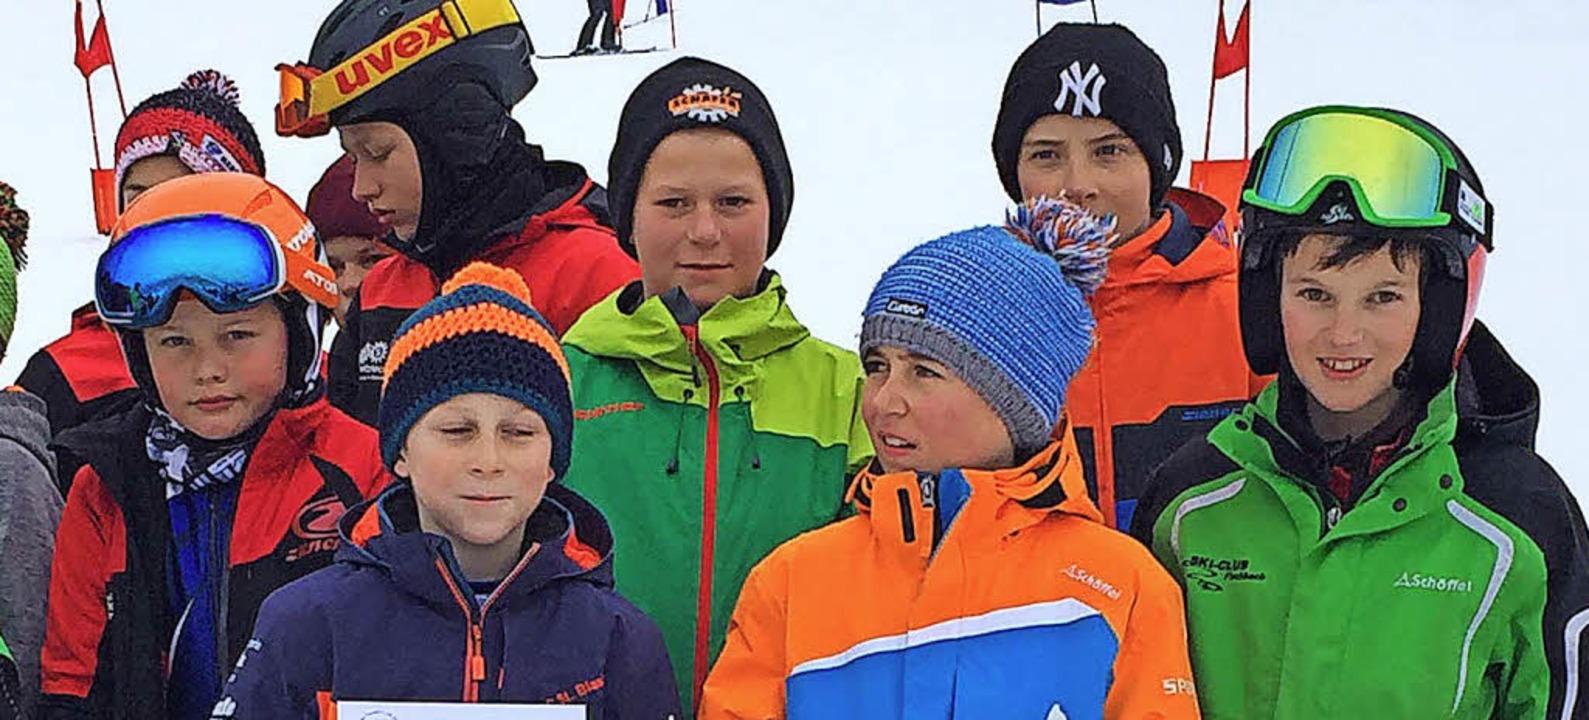 Das erfolgreiche Skiteam der Fürstabt-Gerbert-Schule.  | Foto: Rainer Böhler